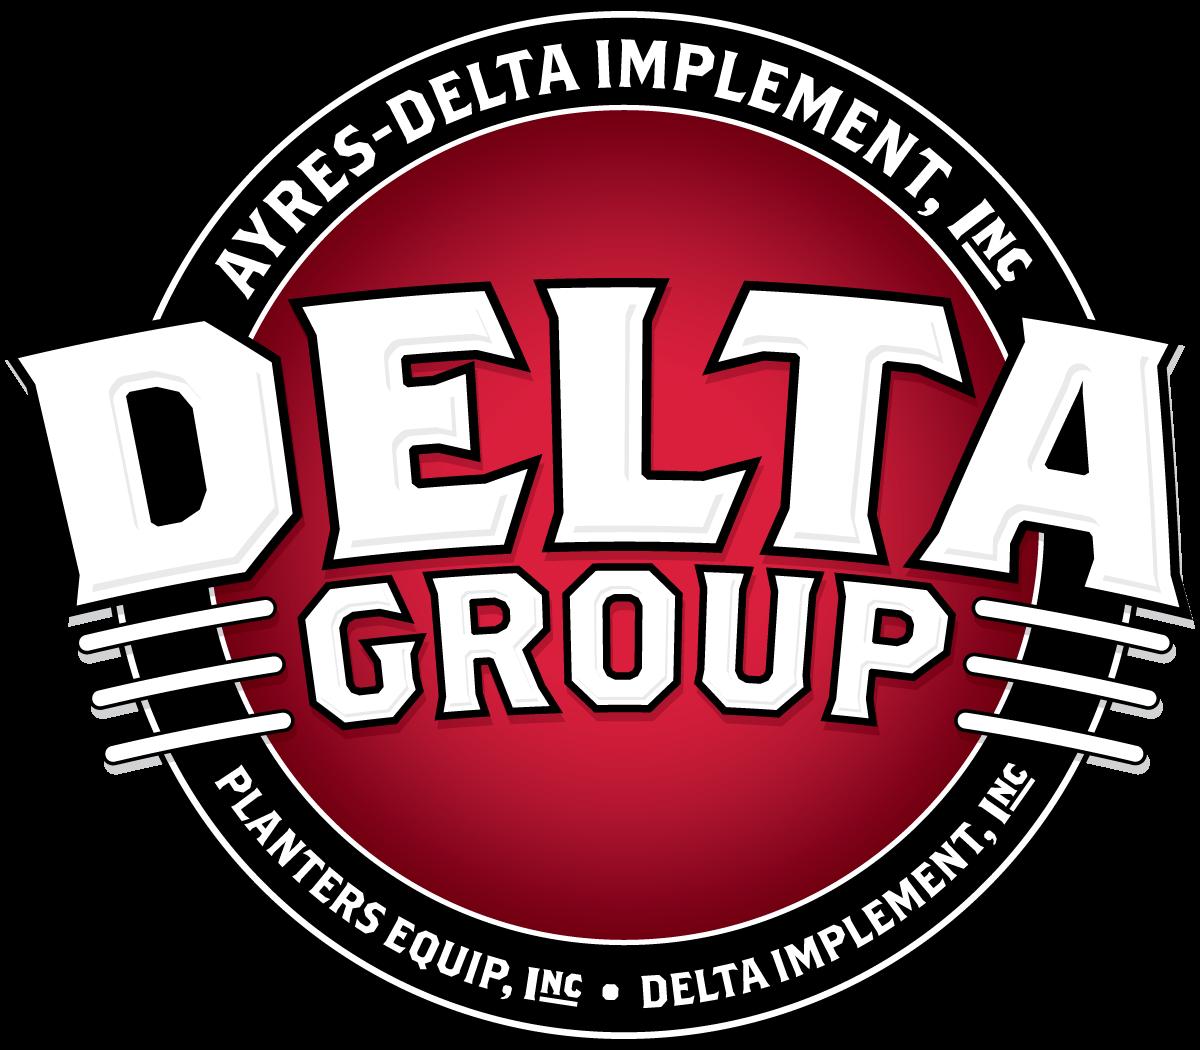 Ayres-Delta Impl Inc